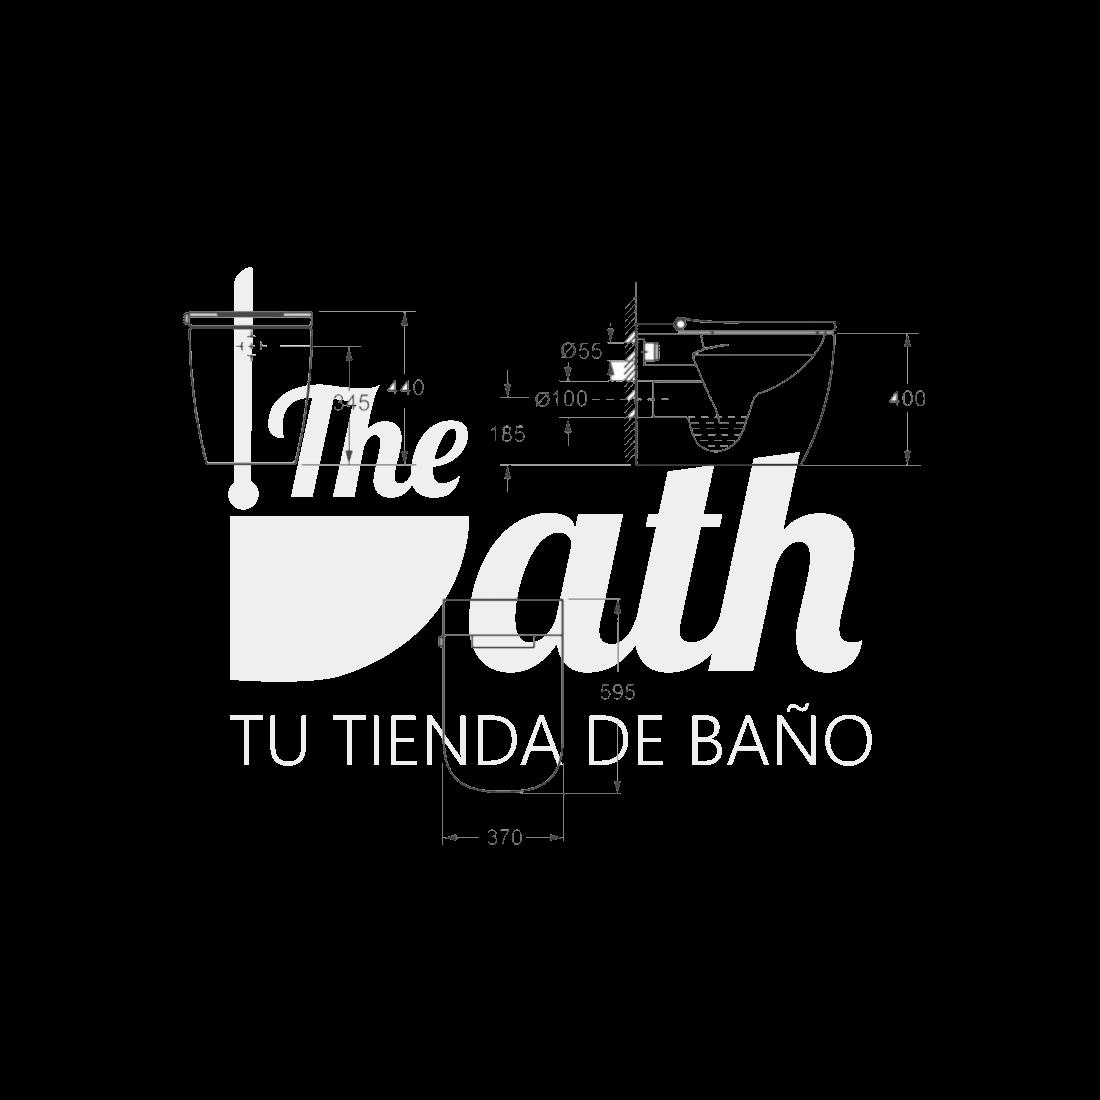 ▷ Inodoro Inteligente compacto -【Otium】- TheBath